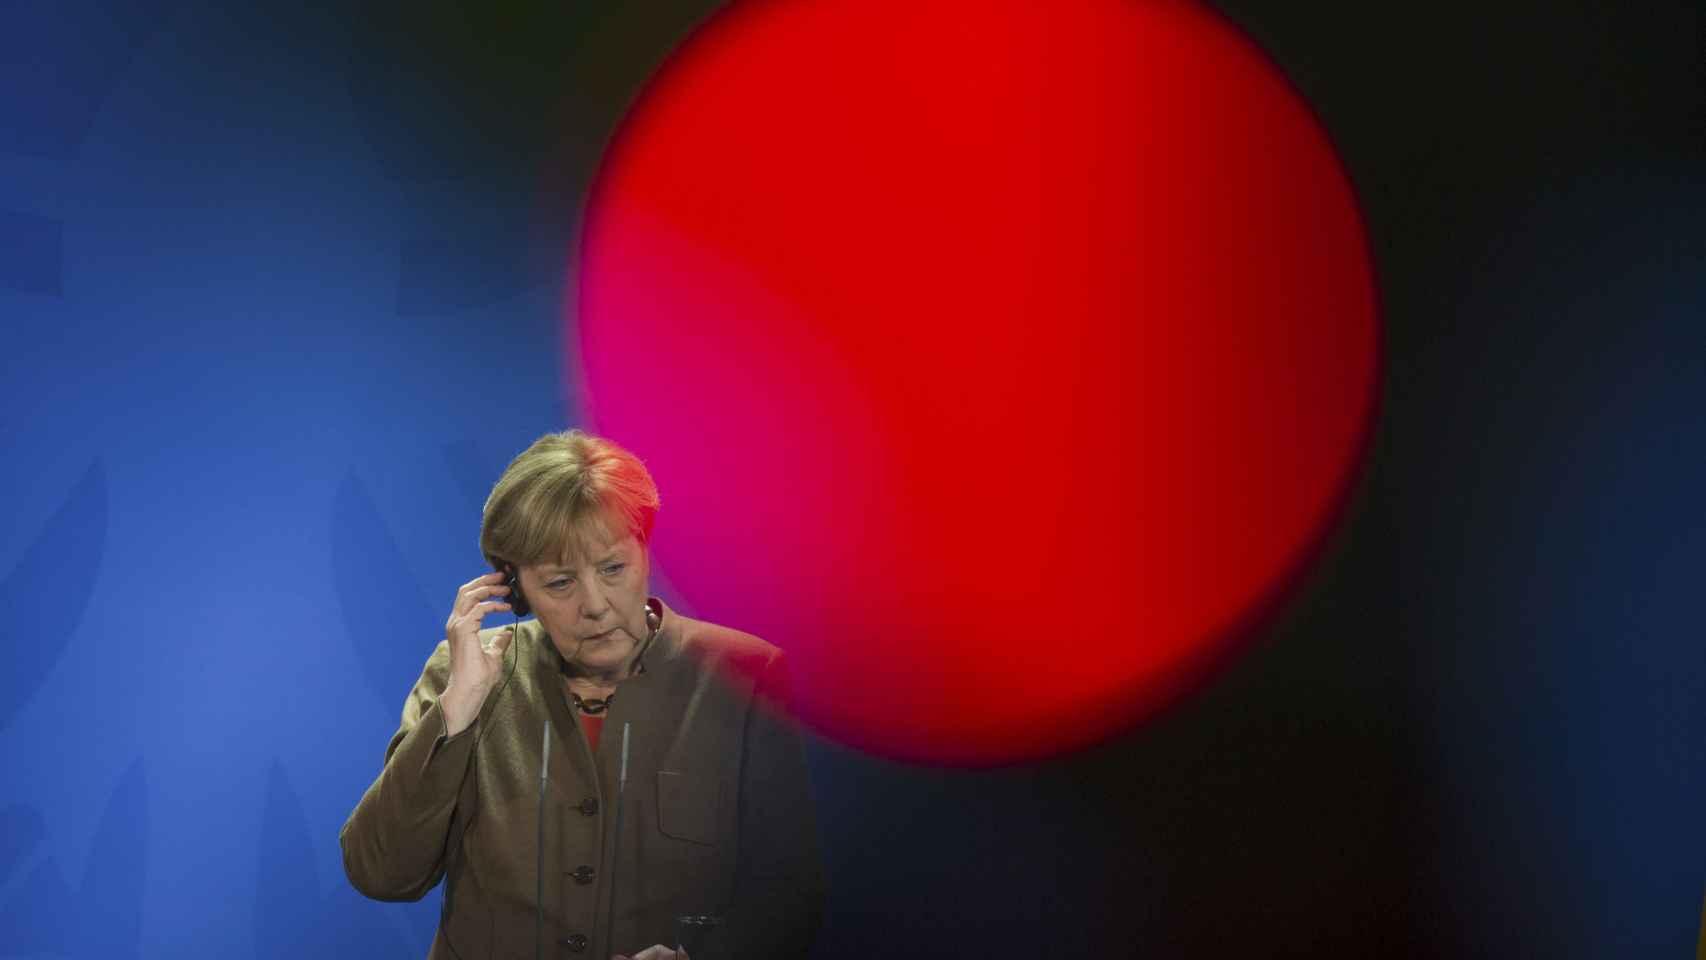 La canciller Merkel es la principal aliada de Reino Unido.